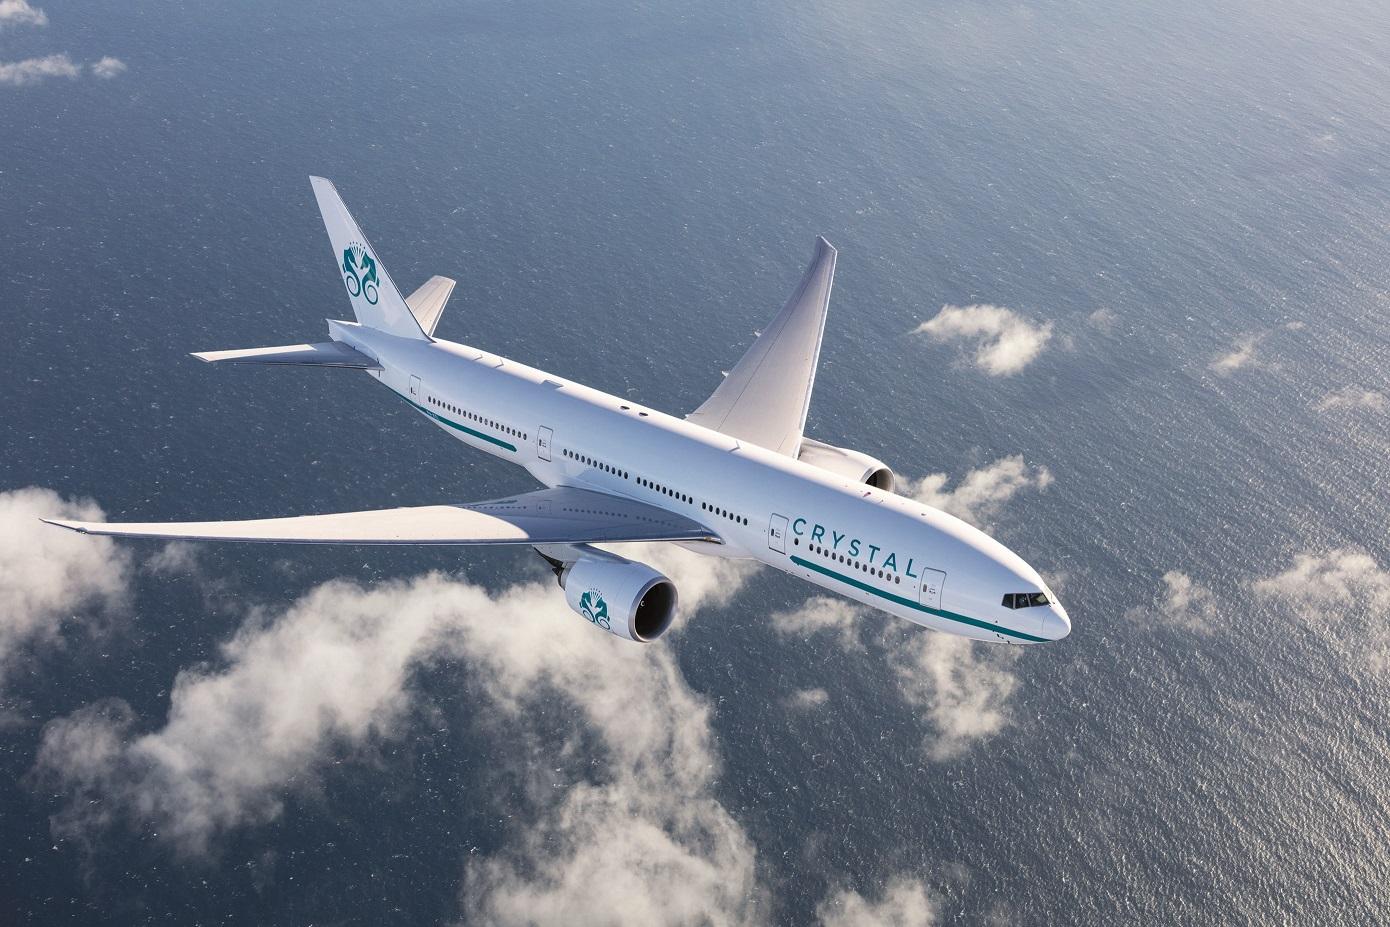 全球最大及最豪華寬敞之私人飛機──「水晶天際1號」全包式客製化行程即將啟航